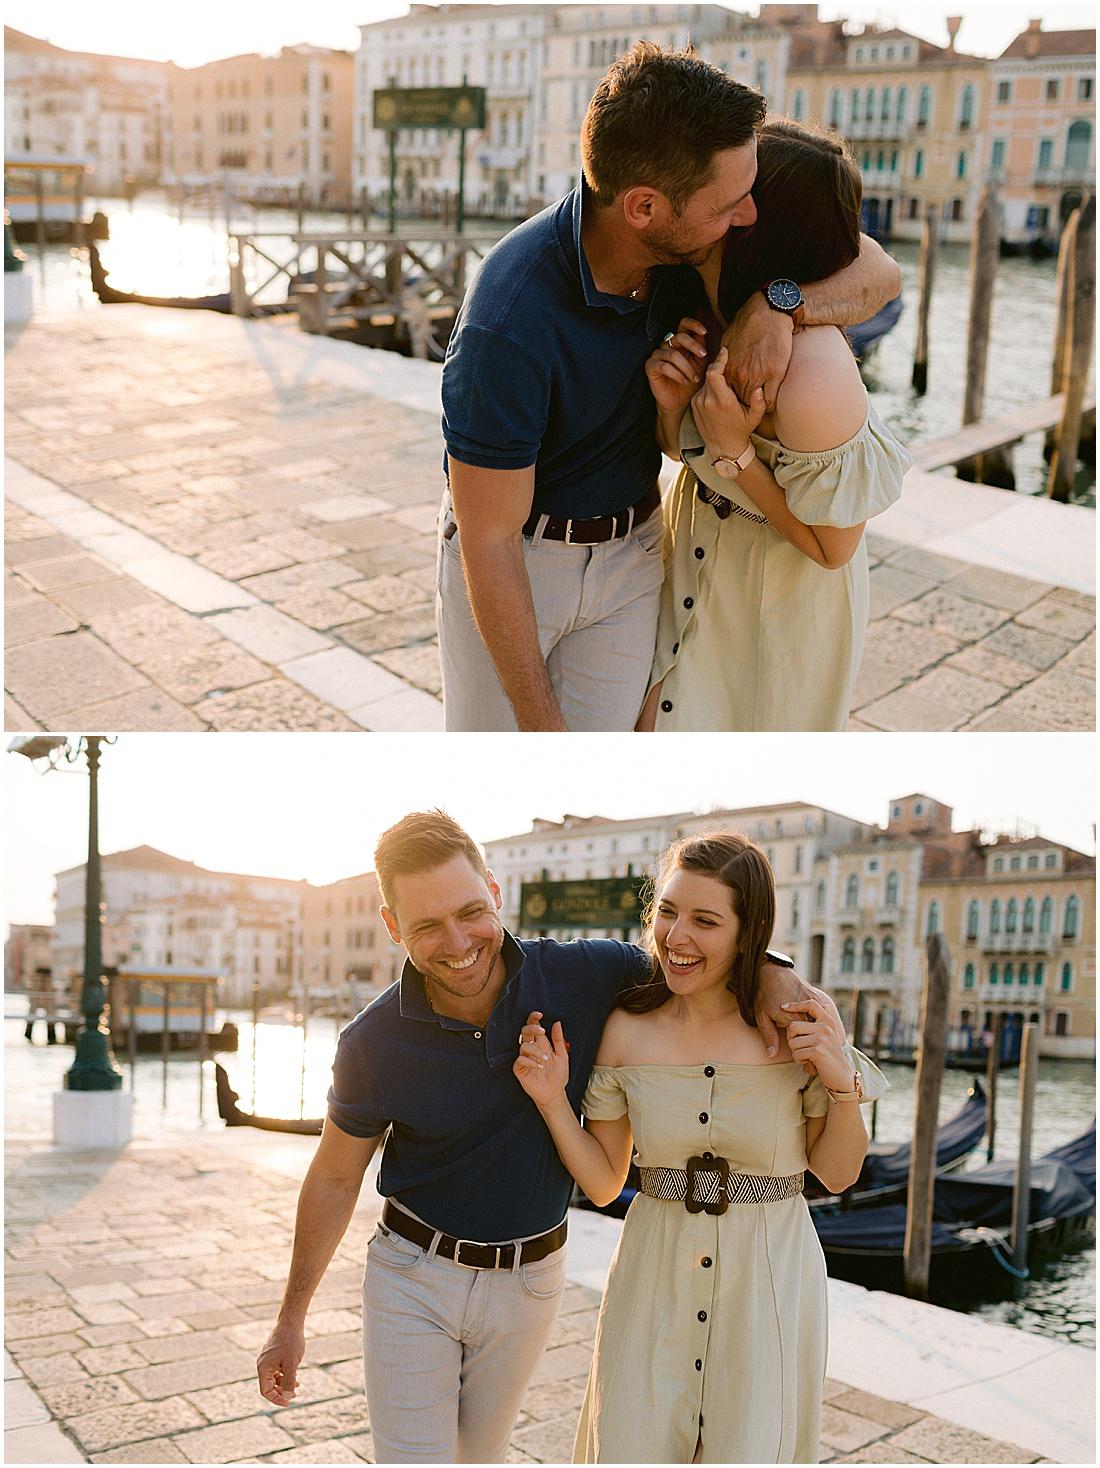 wedding-surprise-proposal-photographer-venice-gondola-sunset-stefano-degirmenci_0354.jpg